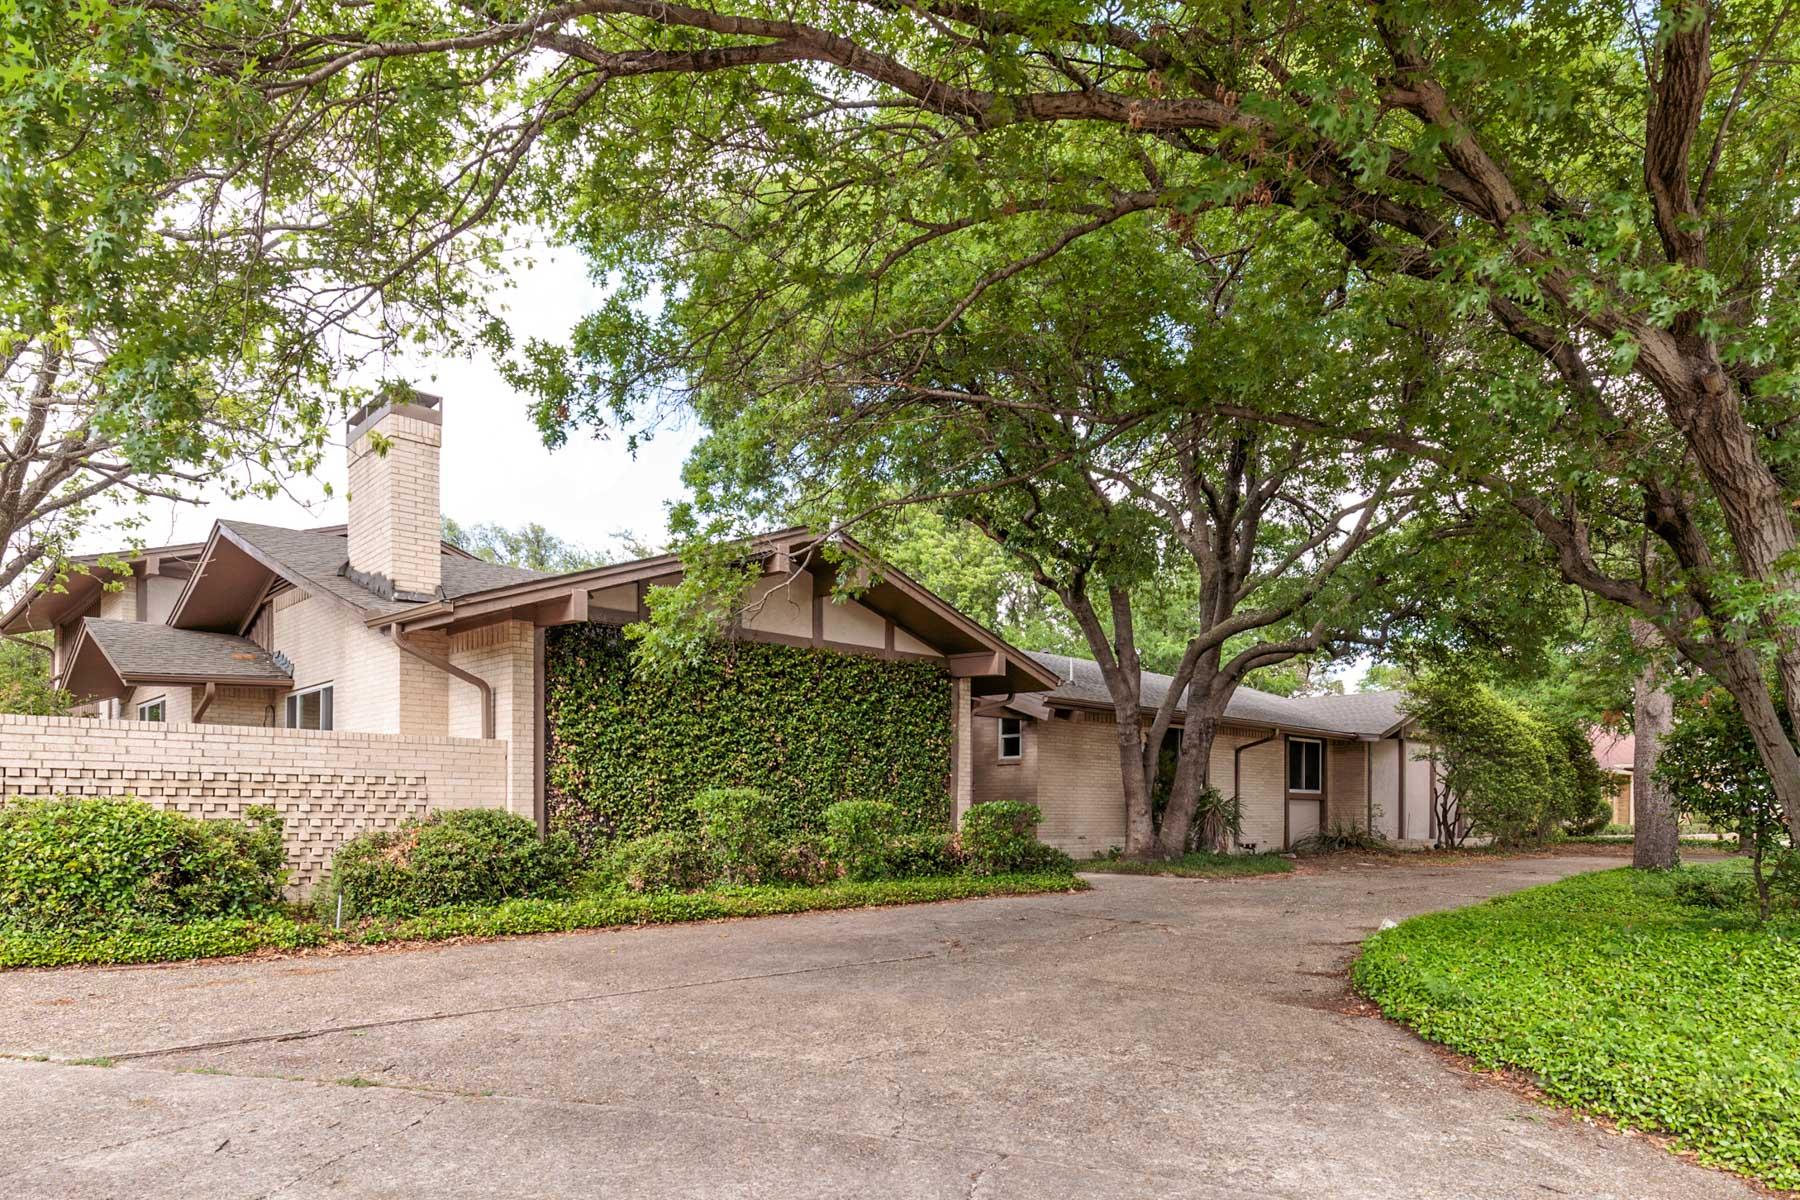 Villa per Vendita alle ore 5731 Mcshann Rd, Dallas Dallas, Texas, 75230 Stati Uniti